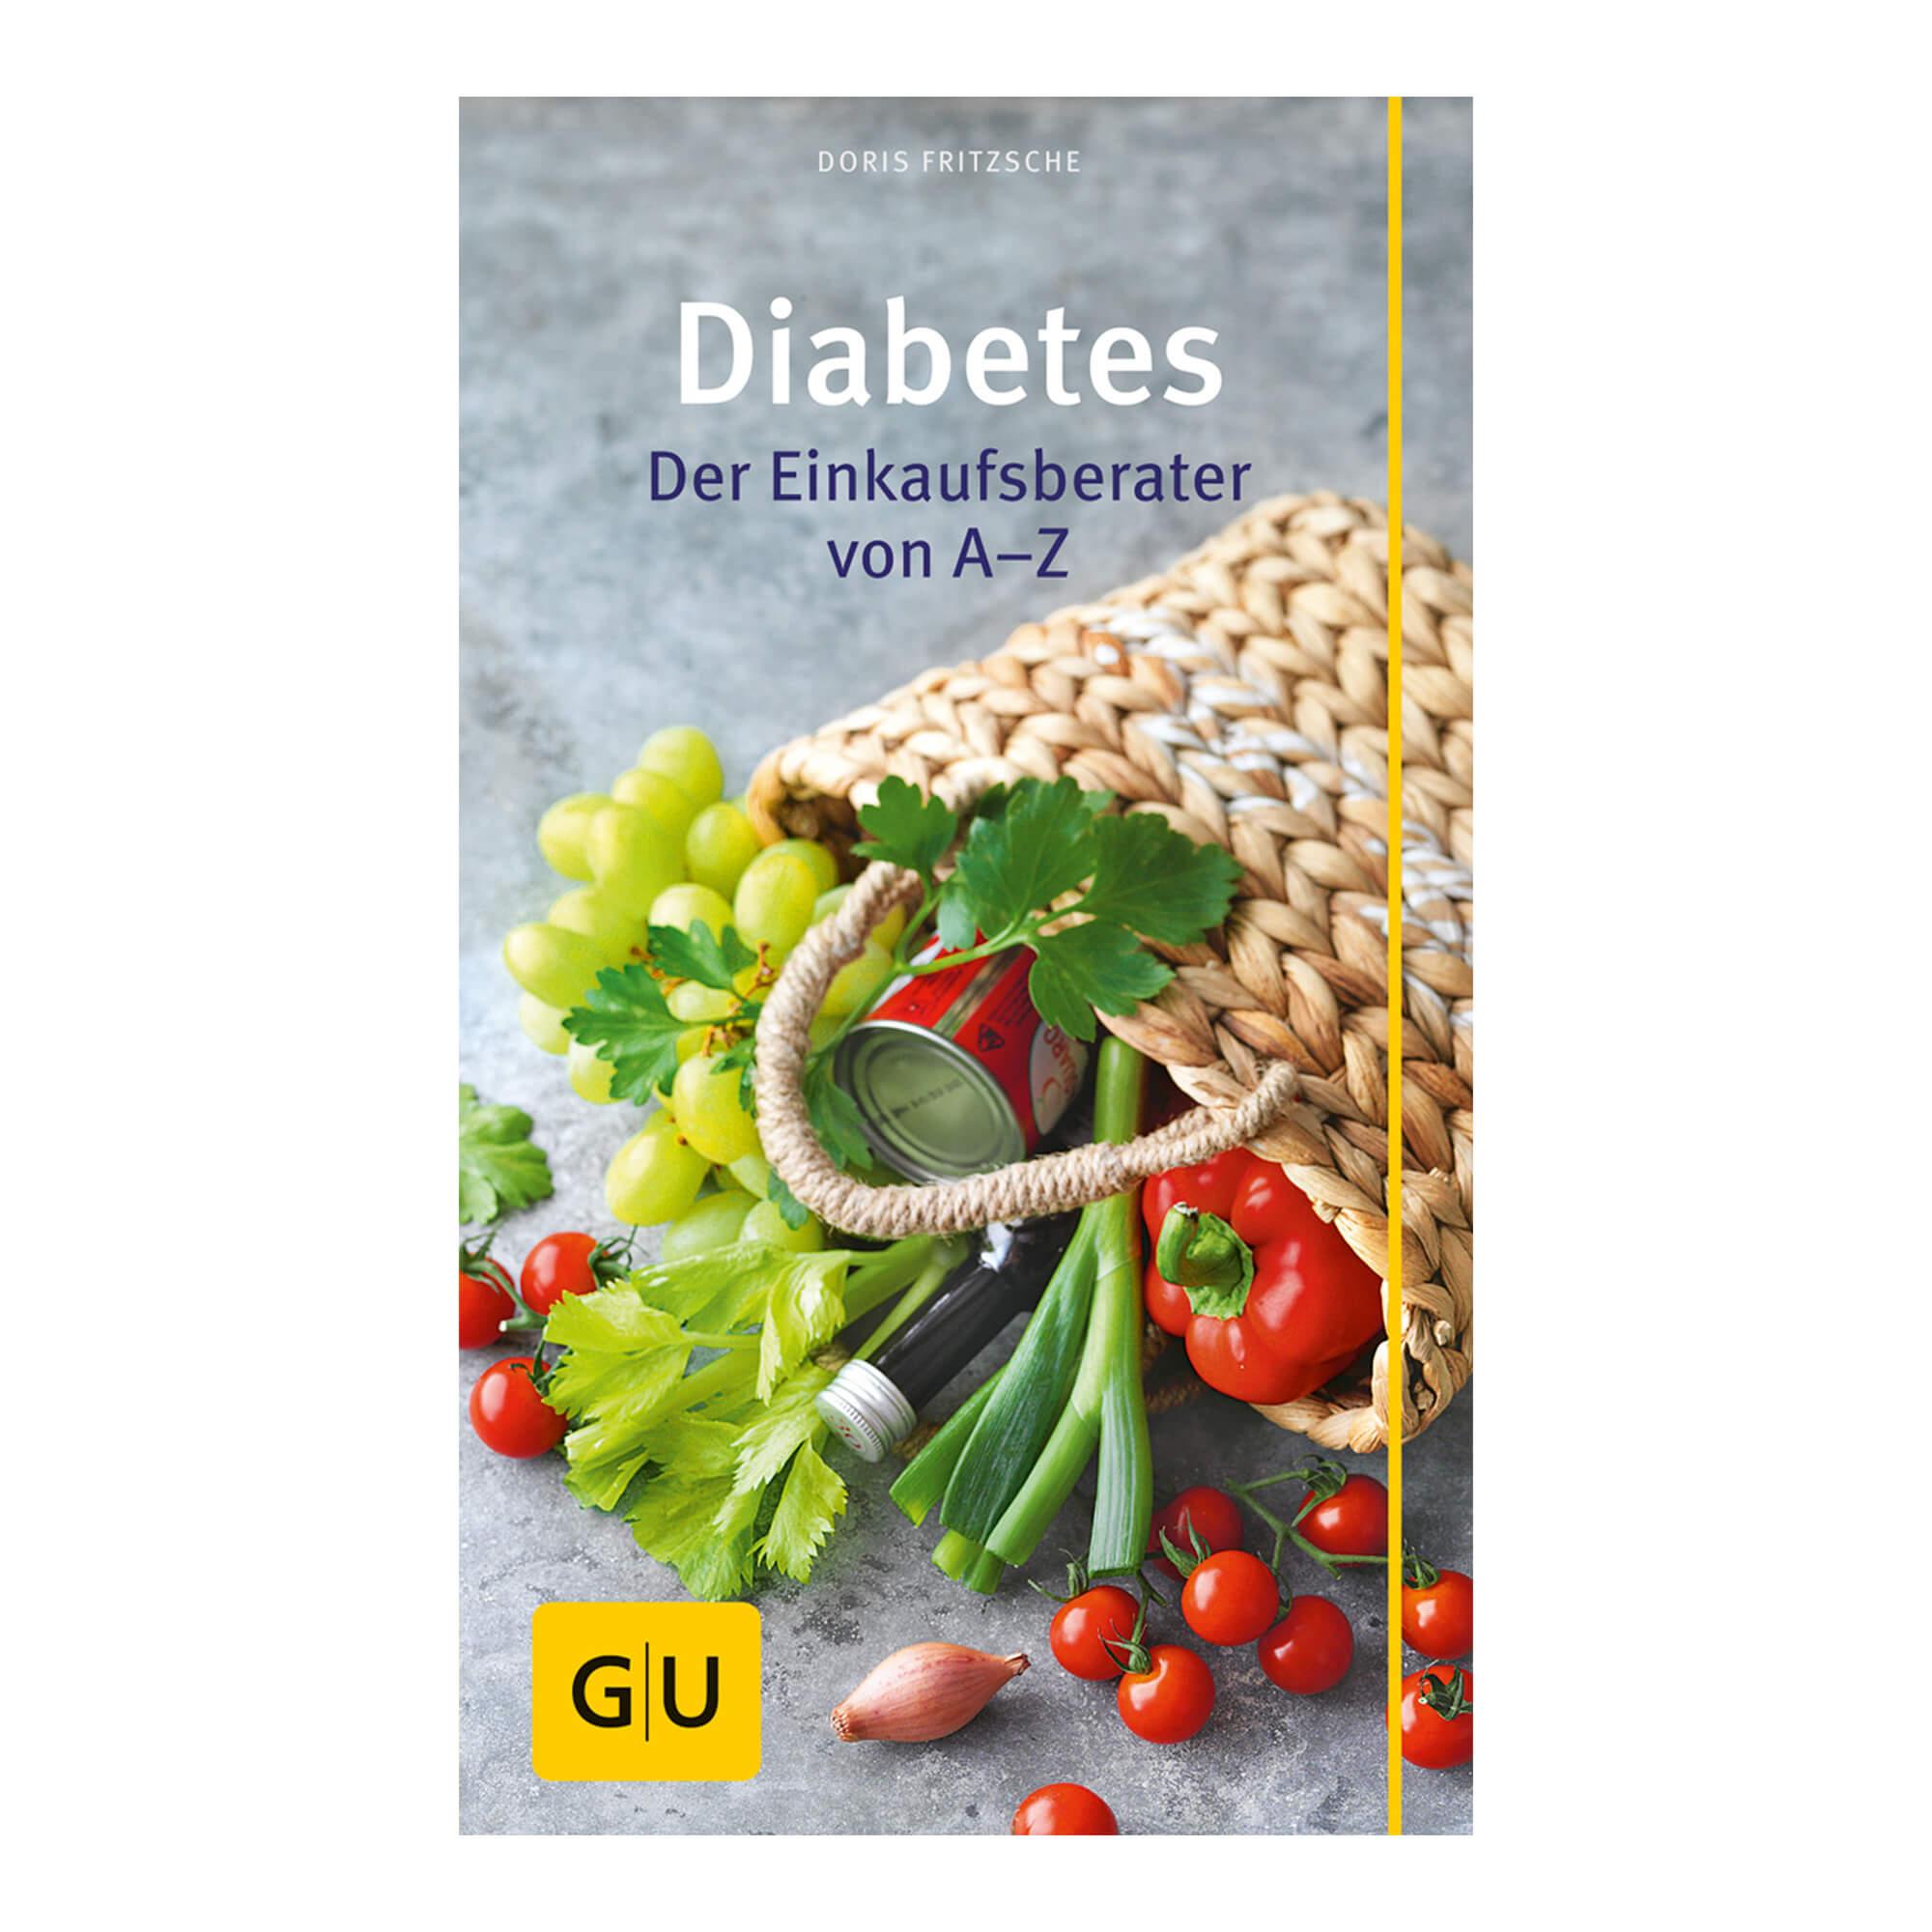 GU Diabetes Der Einkaufsberater von A-Z